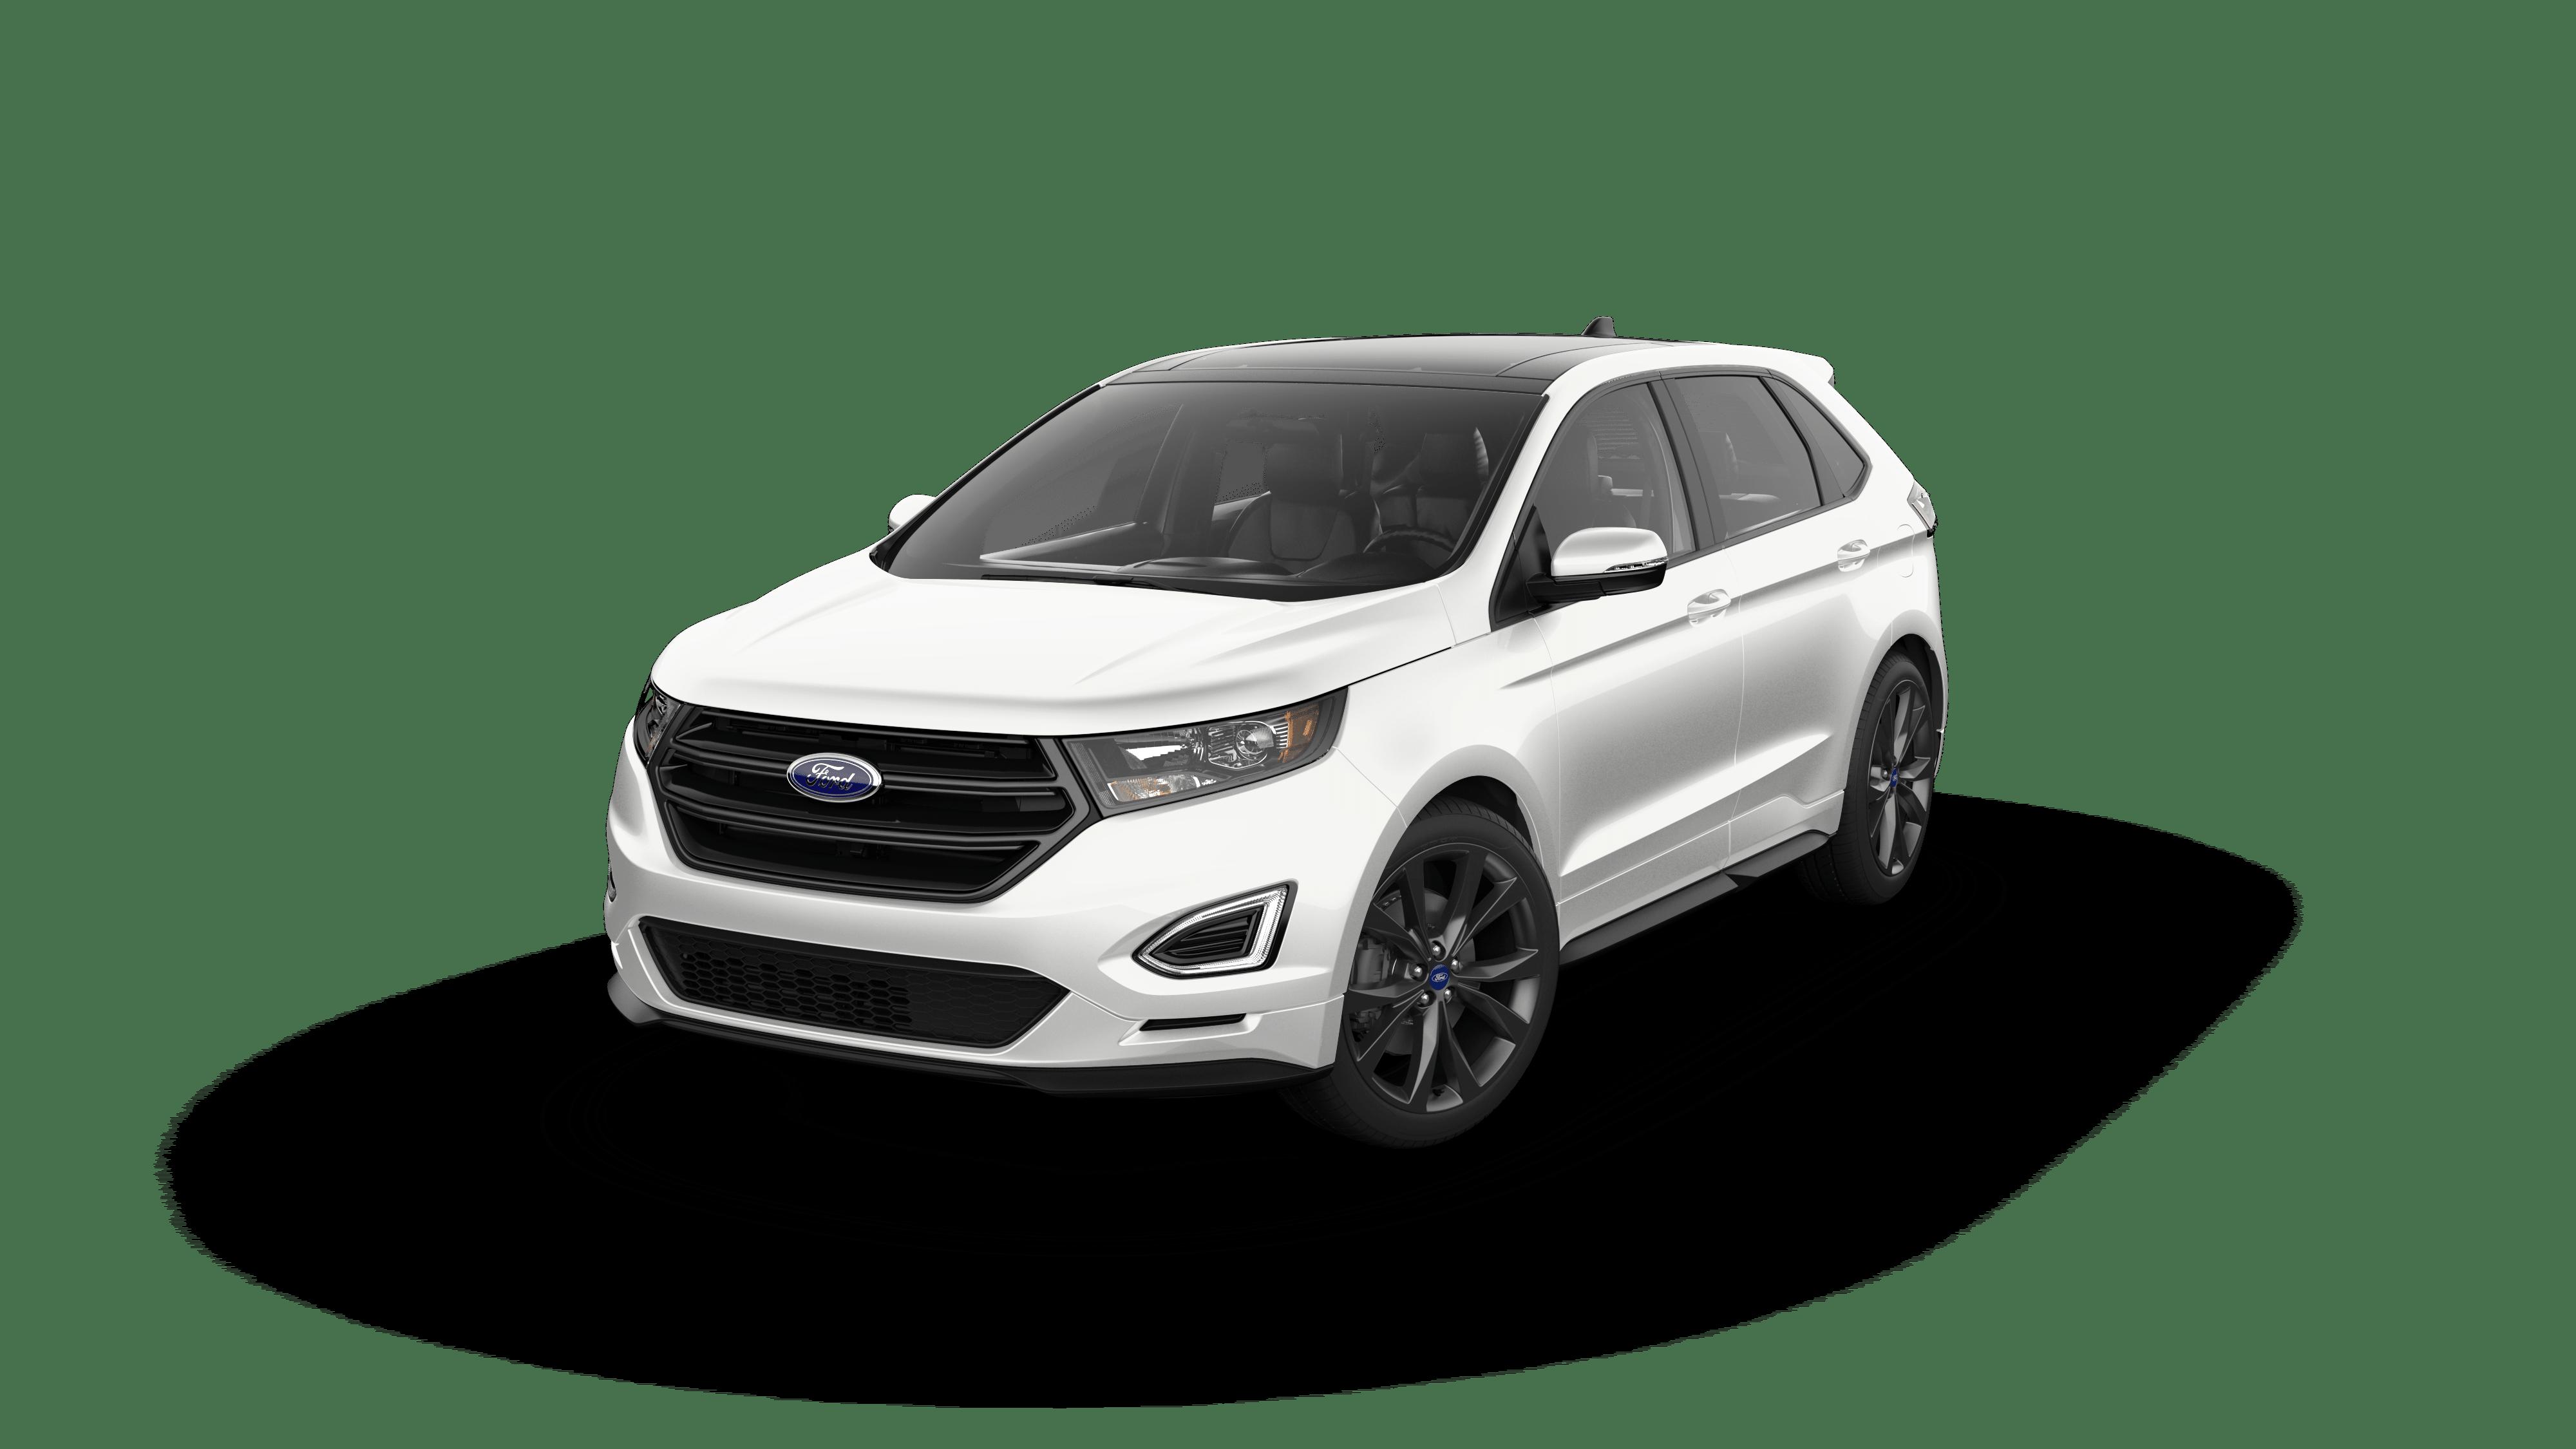 smyrna new ford edge vehicles for sale. Black Bedroom Furniture Sets. Home Design Ideas